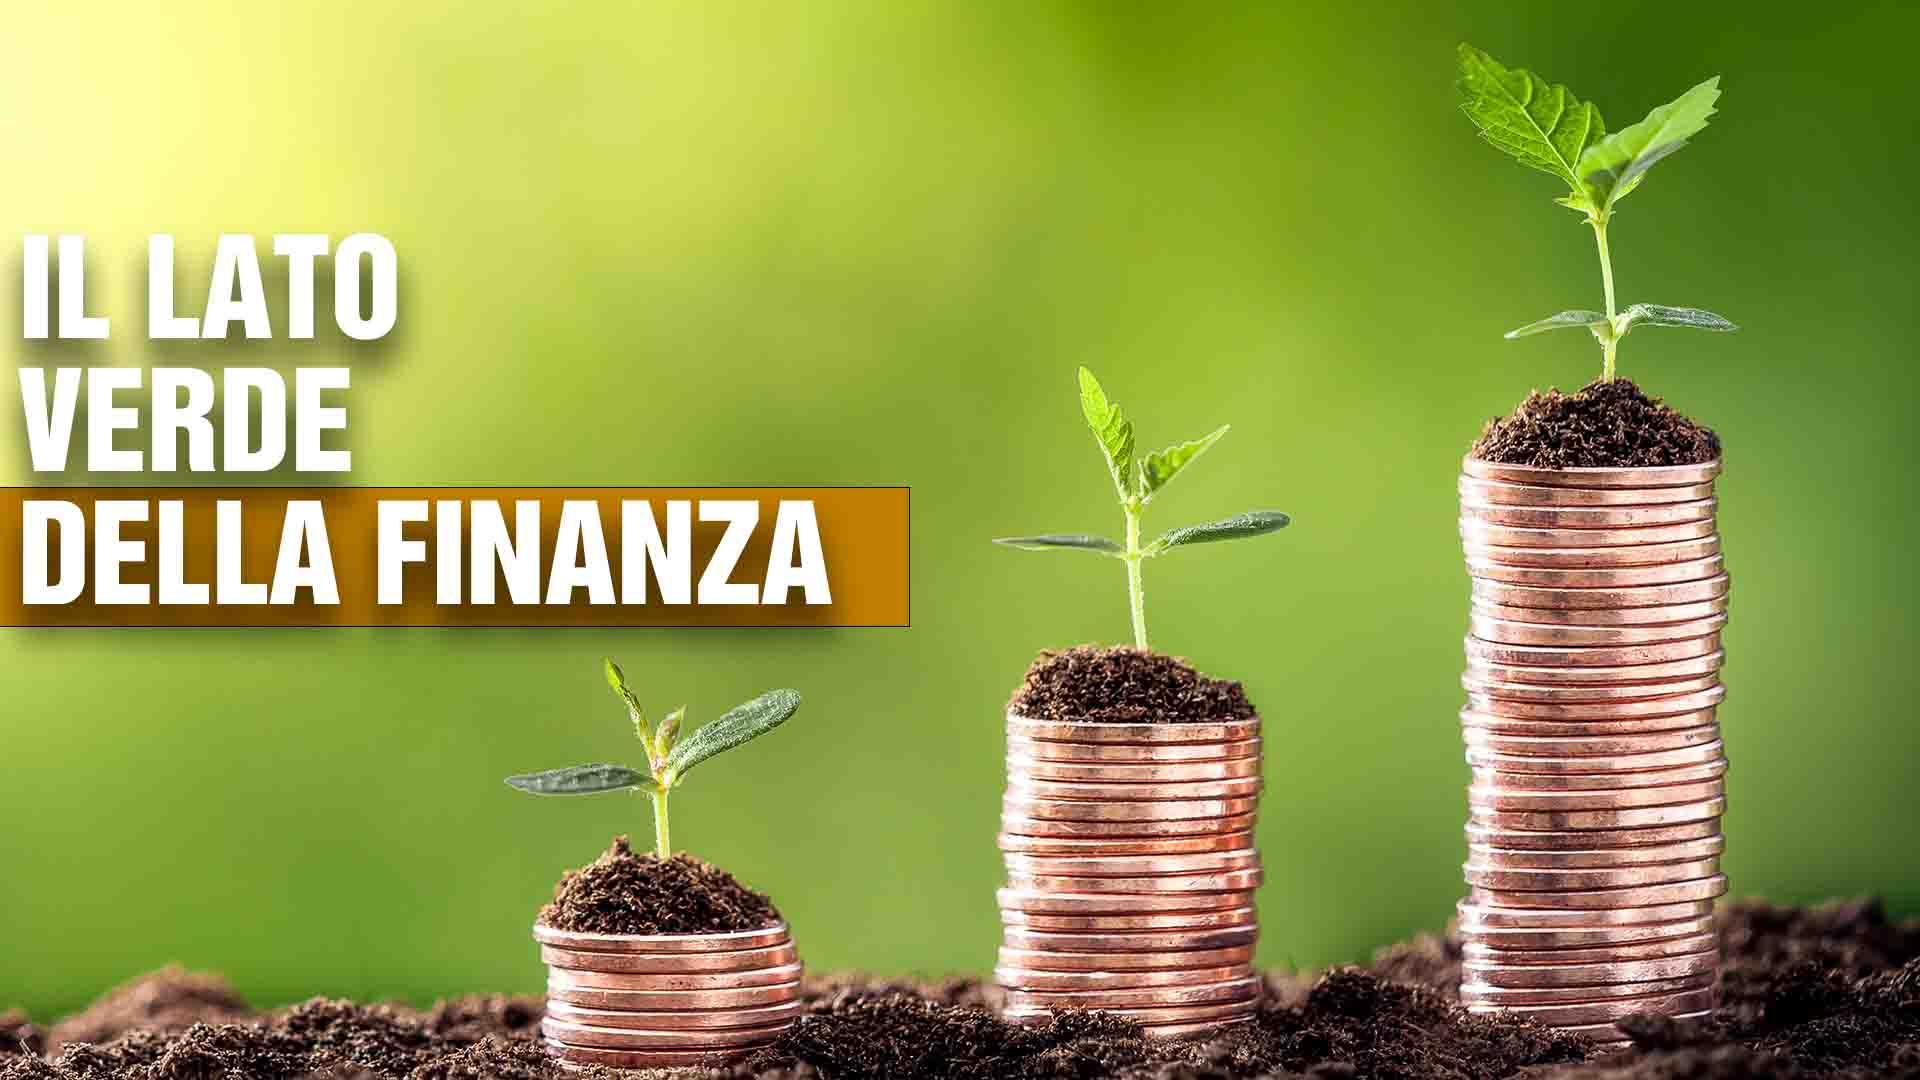 lato verde della finanza